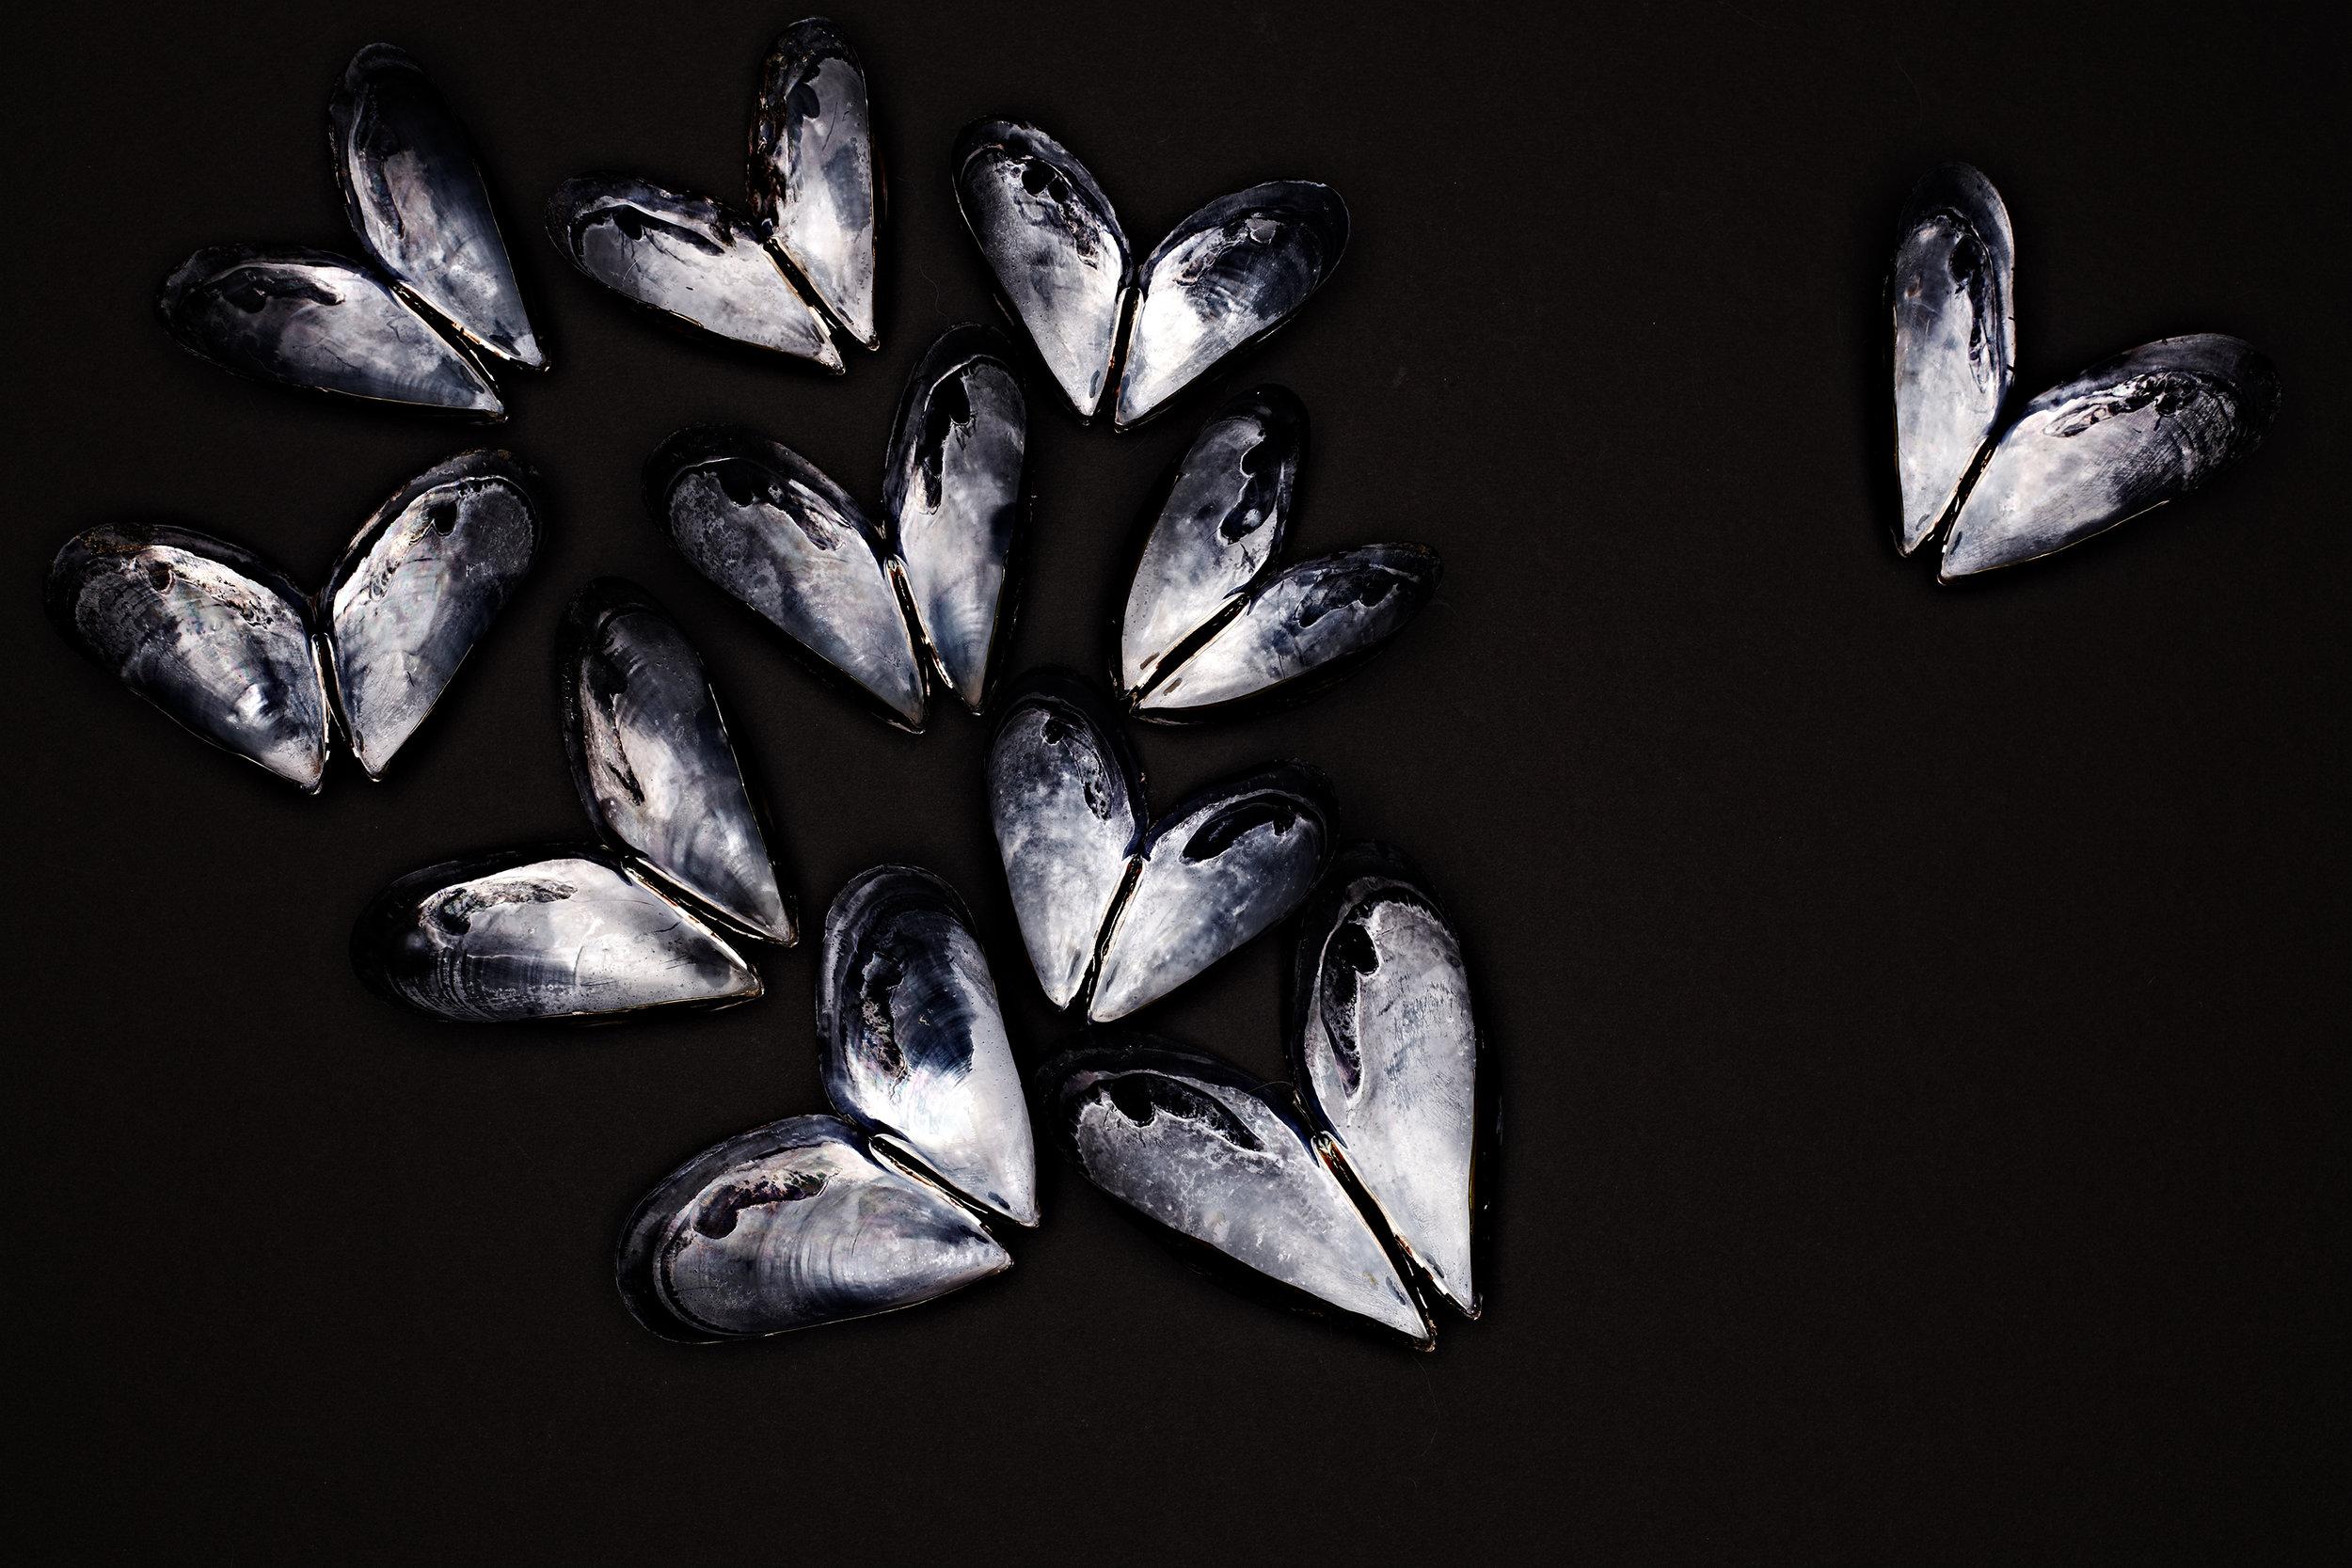 20120502_mussels_still-0050.jpg